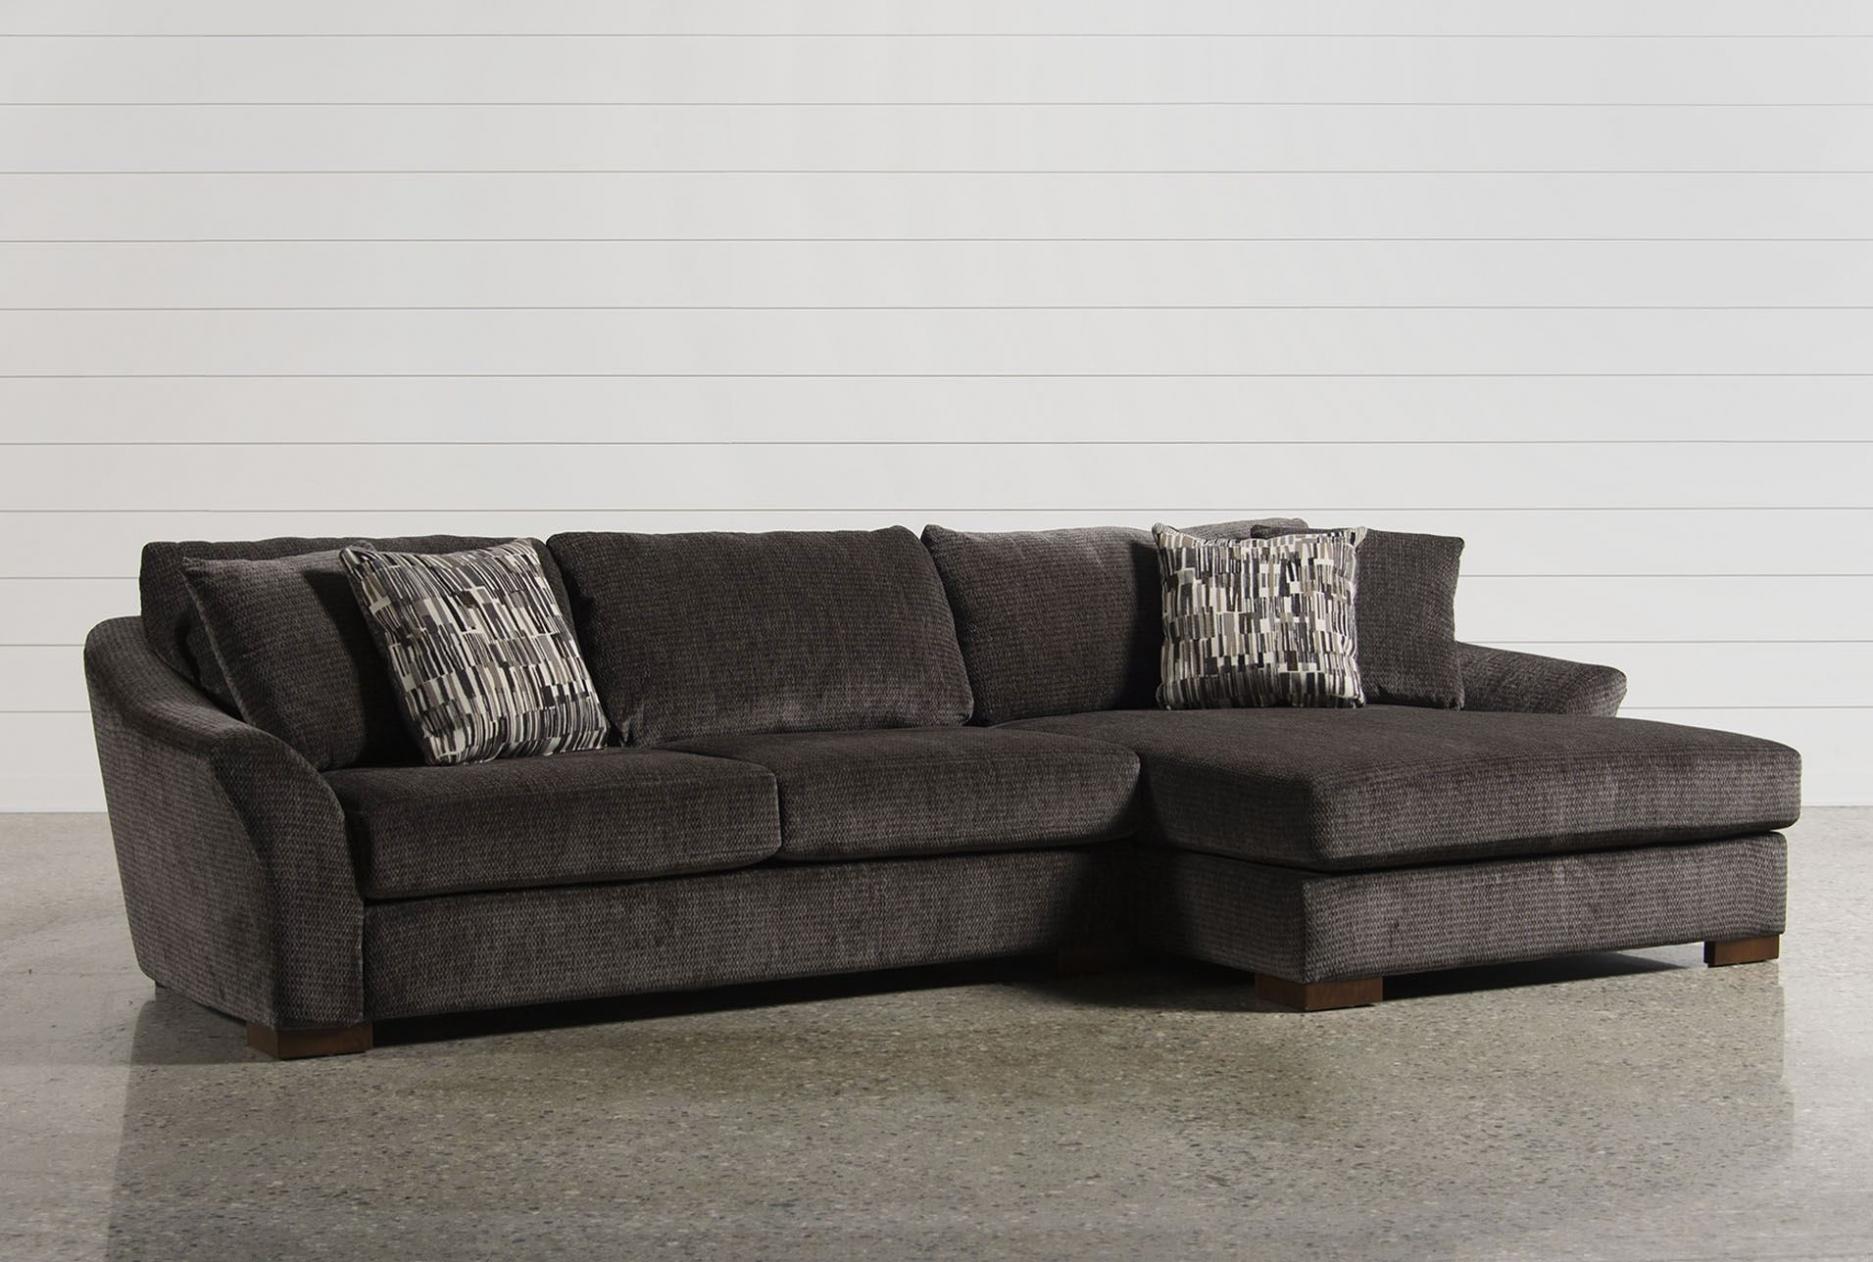 Furniture: Paris 2 Piece Sectional Sofa Sam S Club With Regard To With Regard To Sectional Sofas At Sam's Club (View 2 of 10)